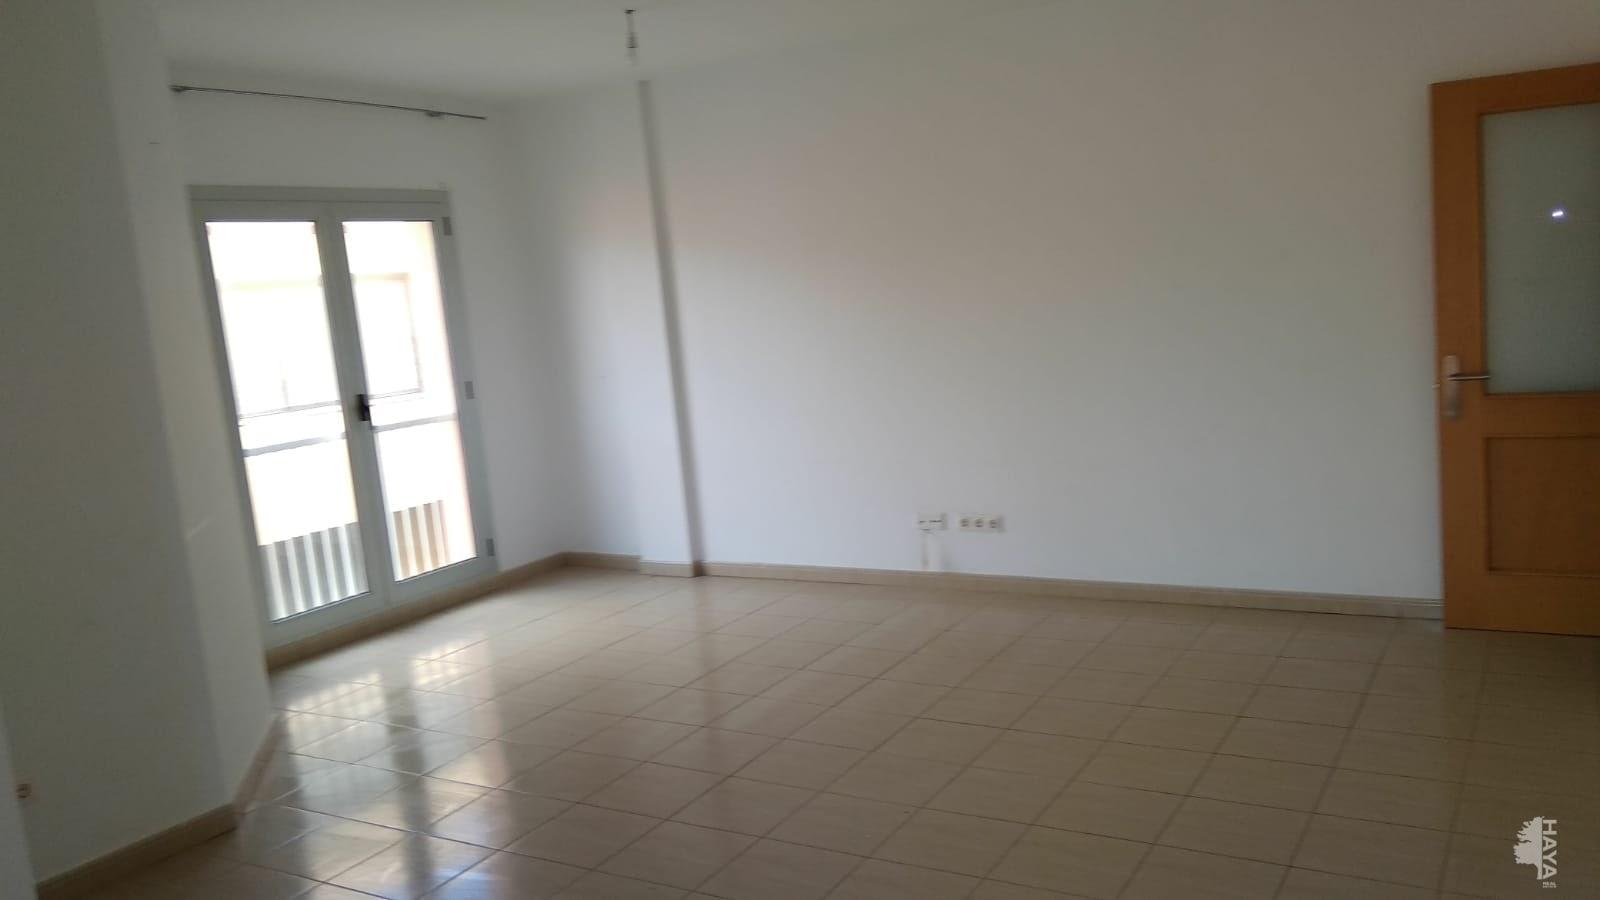 Piso en venta en Santa Lucía de Tirajana, Las Palmas, Calle Delicias, 75.000 €, 3 habitaciones, 1 baño, 96 m2